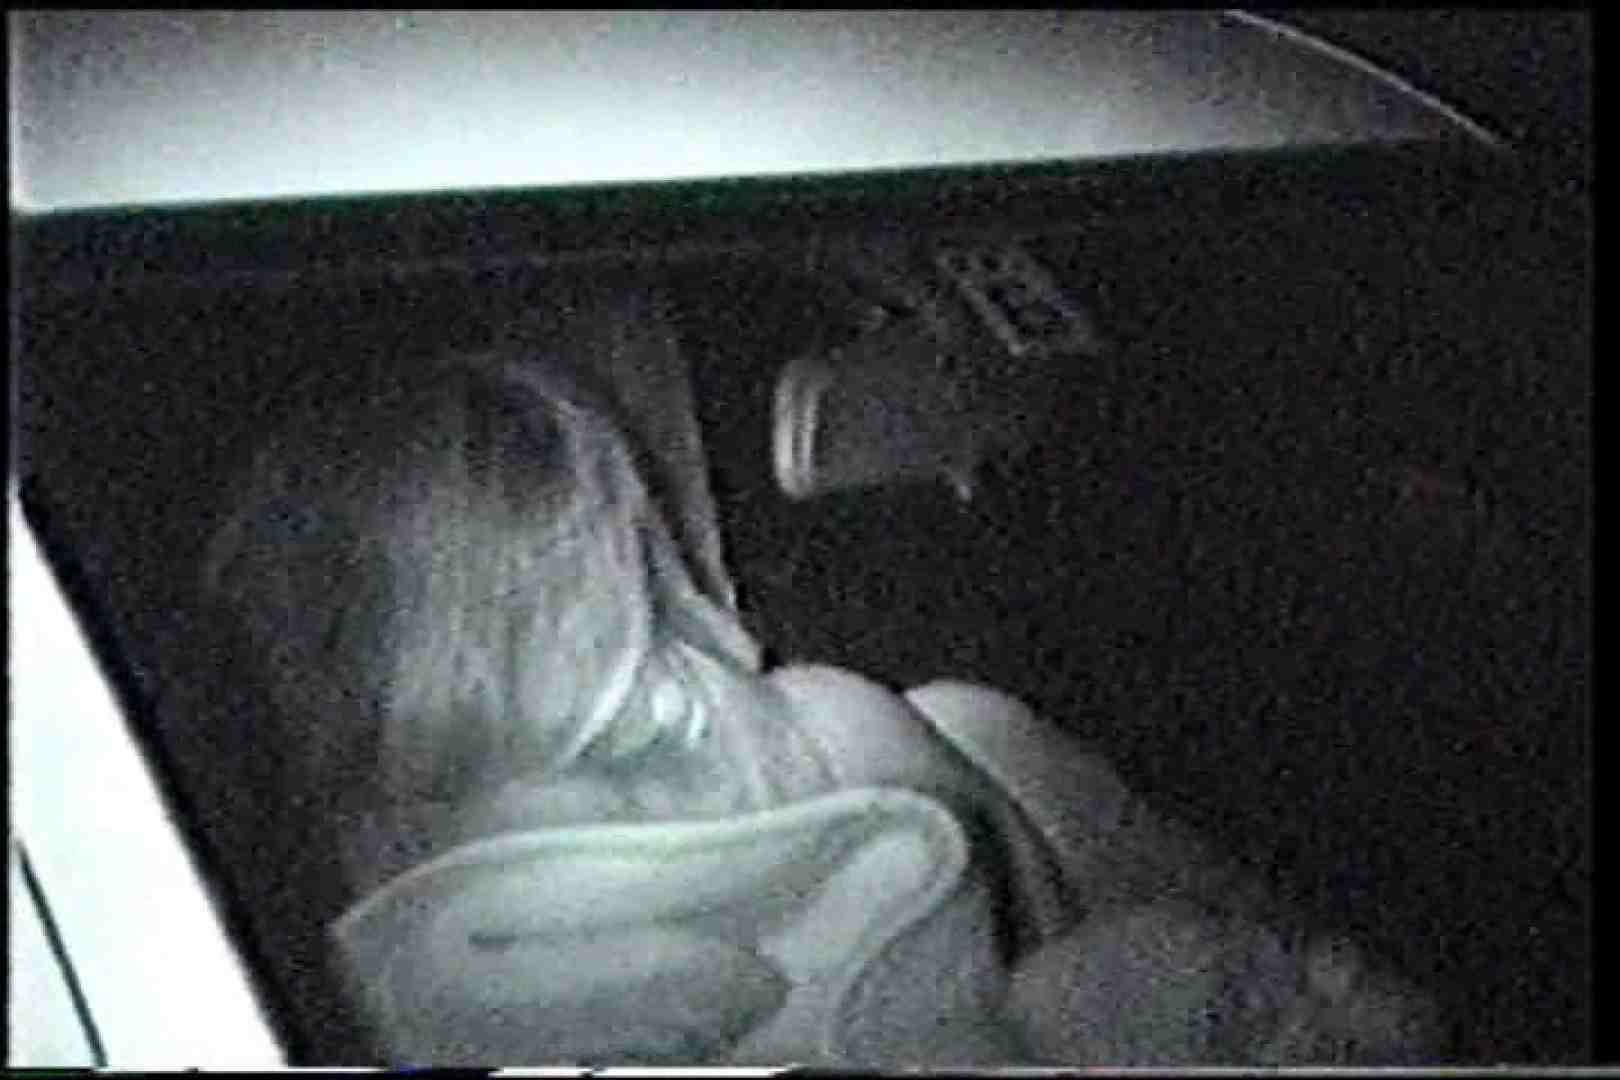 充血監督の深夜の運動会Vol.216 カップルのセックス ワレメ動画紹介 103PIX 53